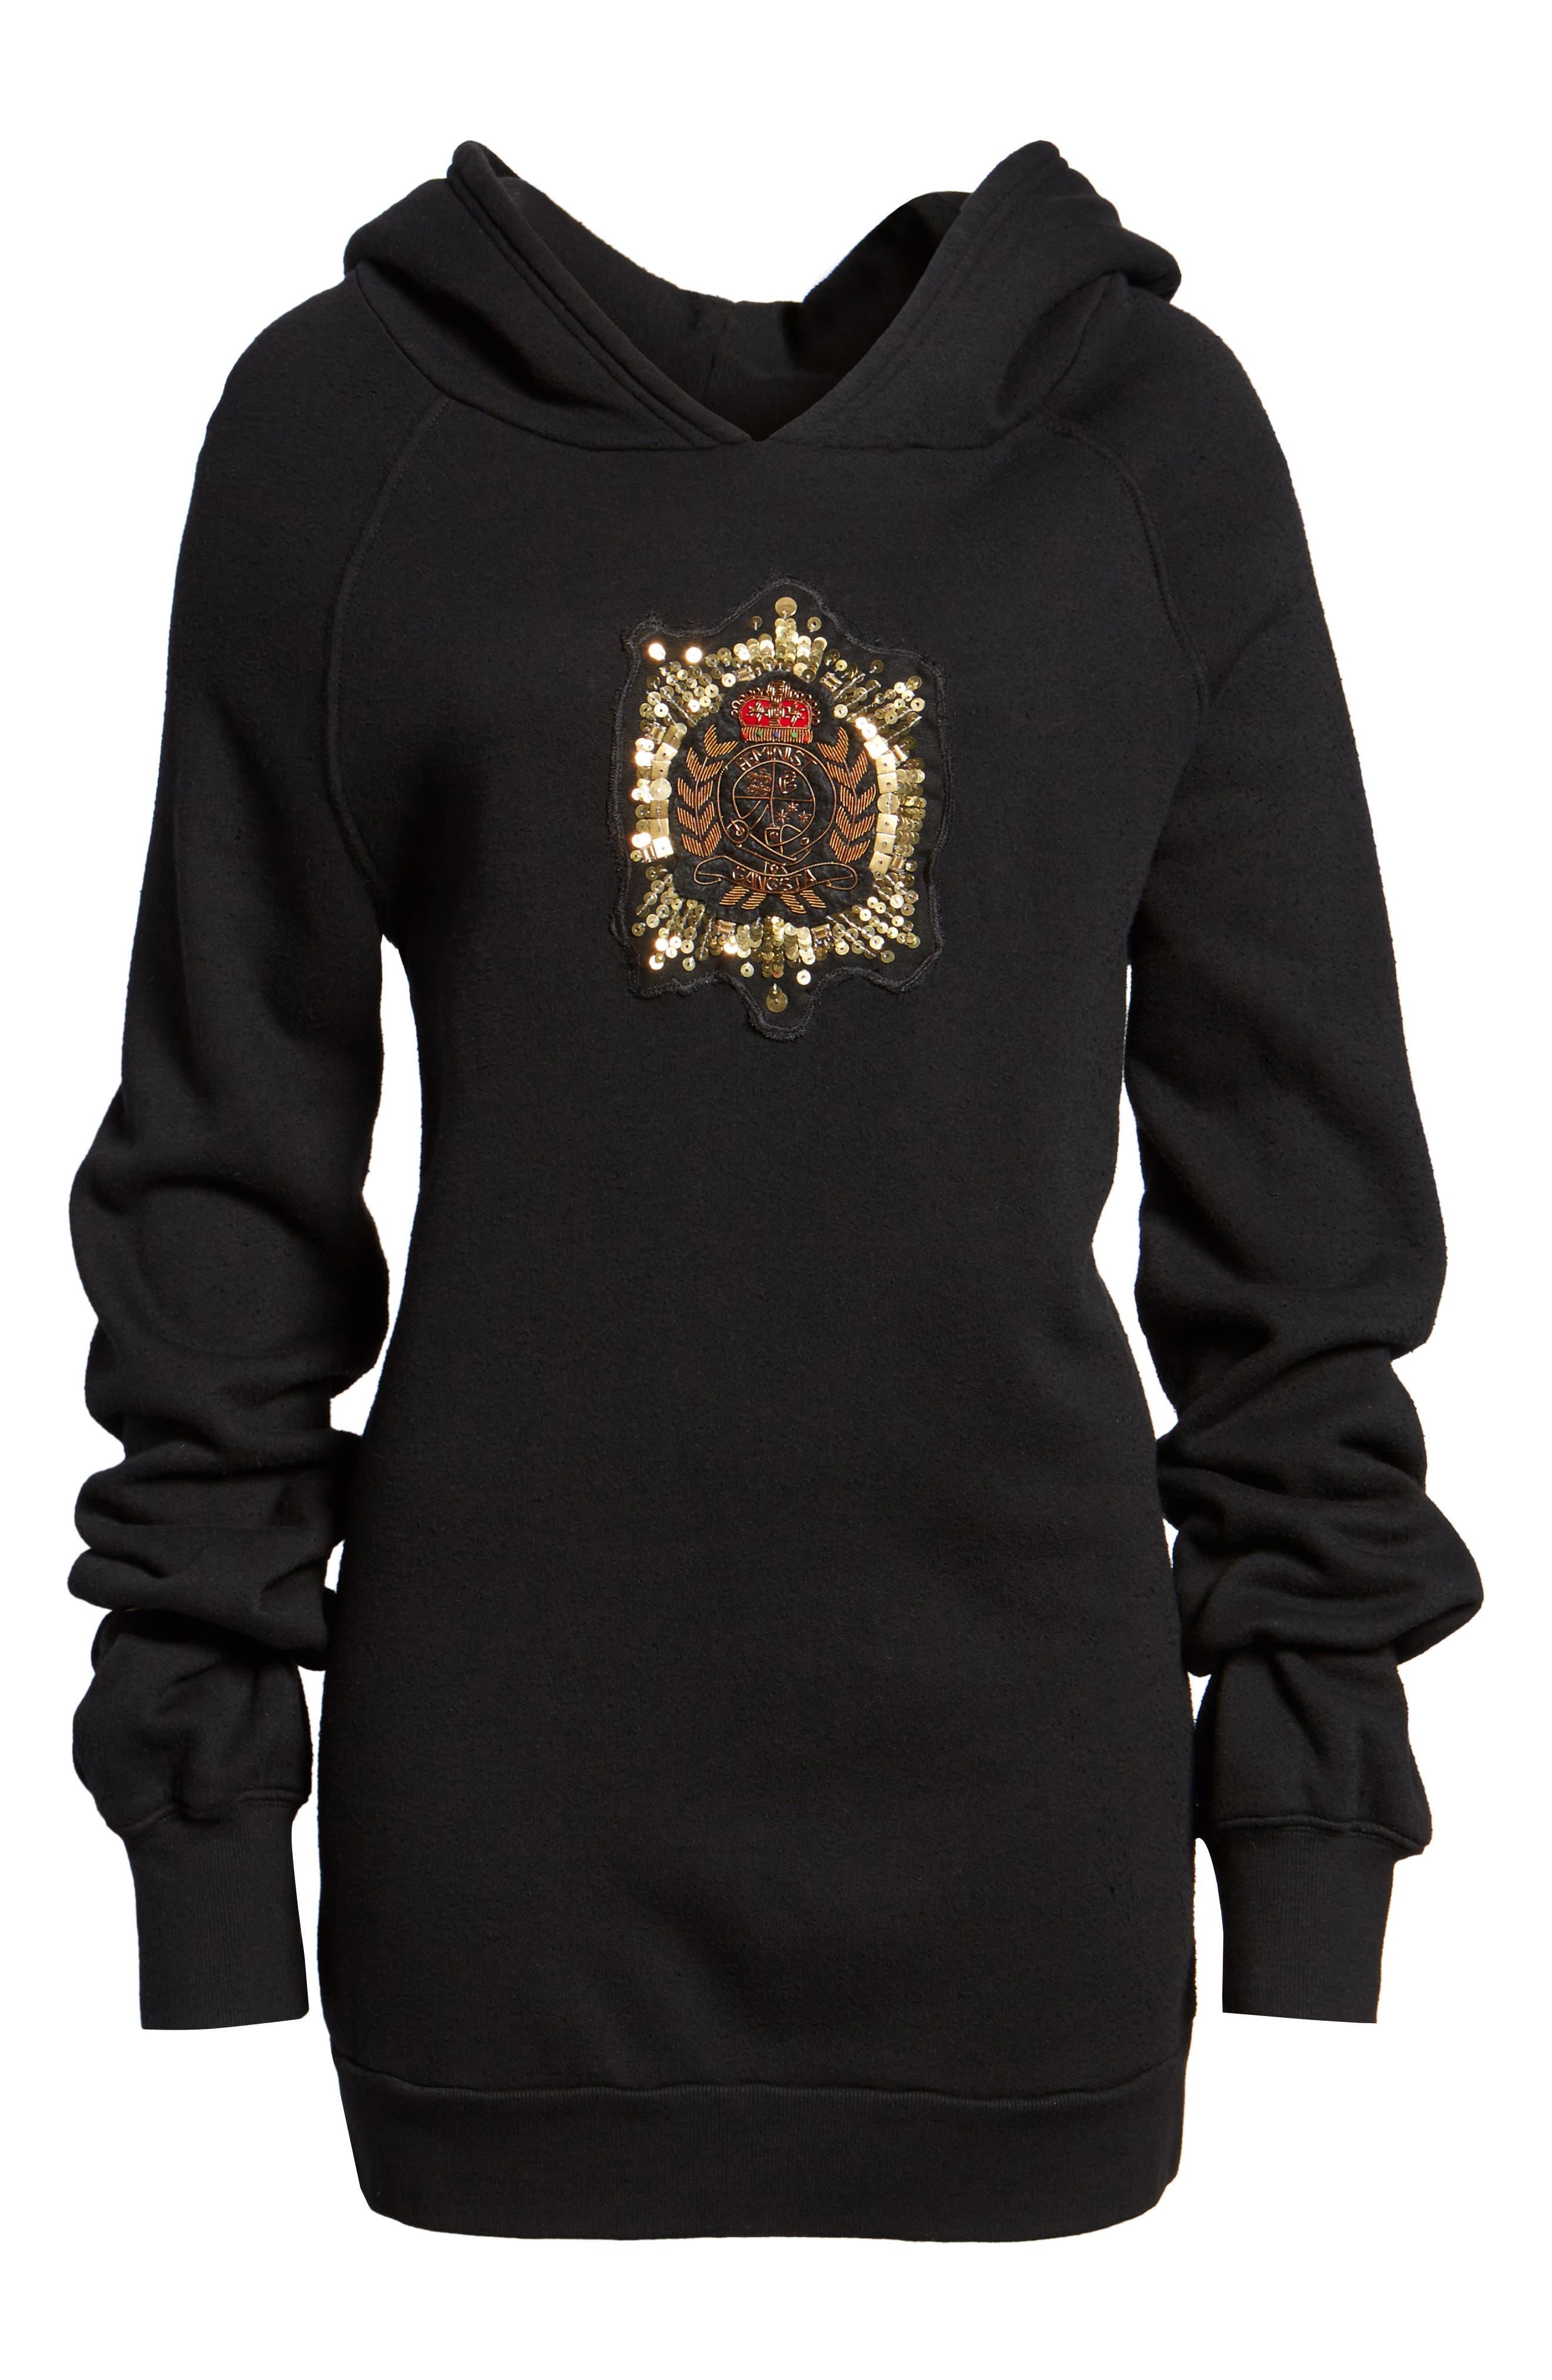 Crest Patch Sweatshirt Dress,                             Alternate thumbnail 6, color,                             Black